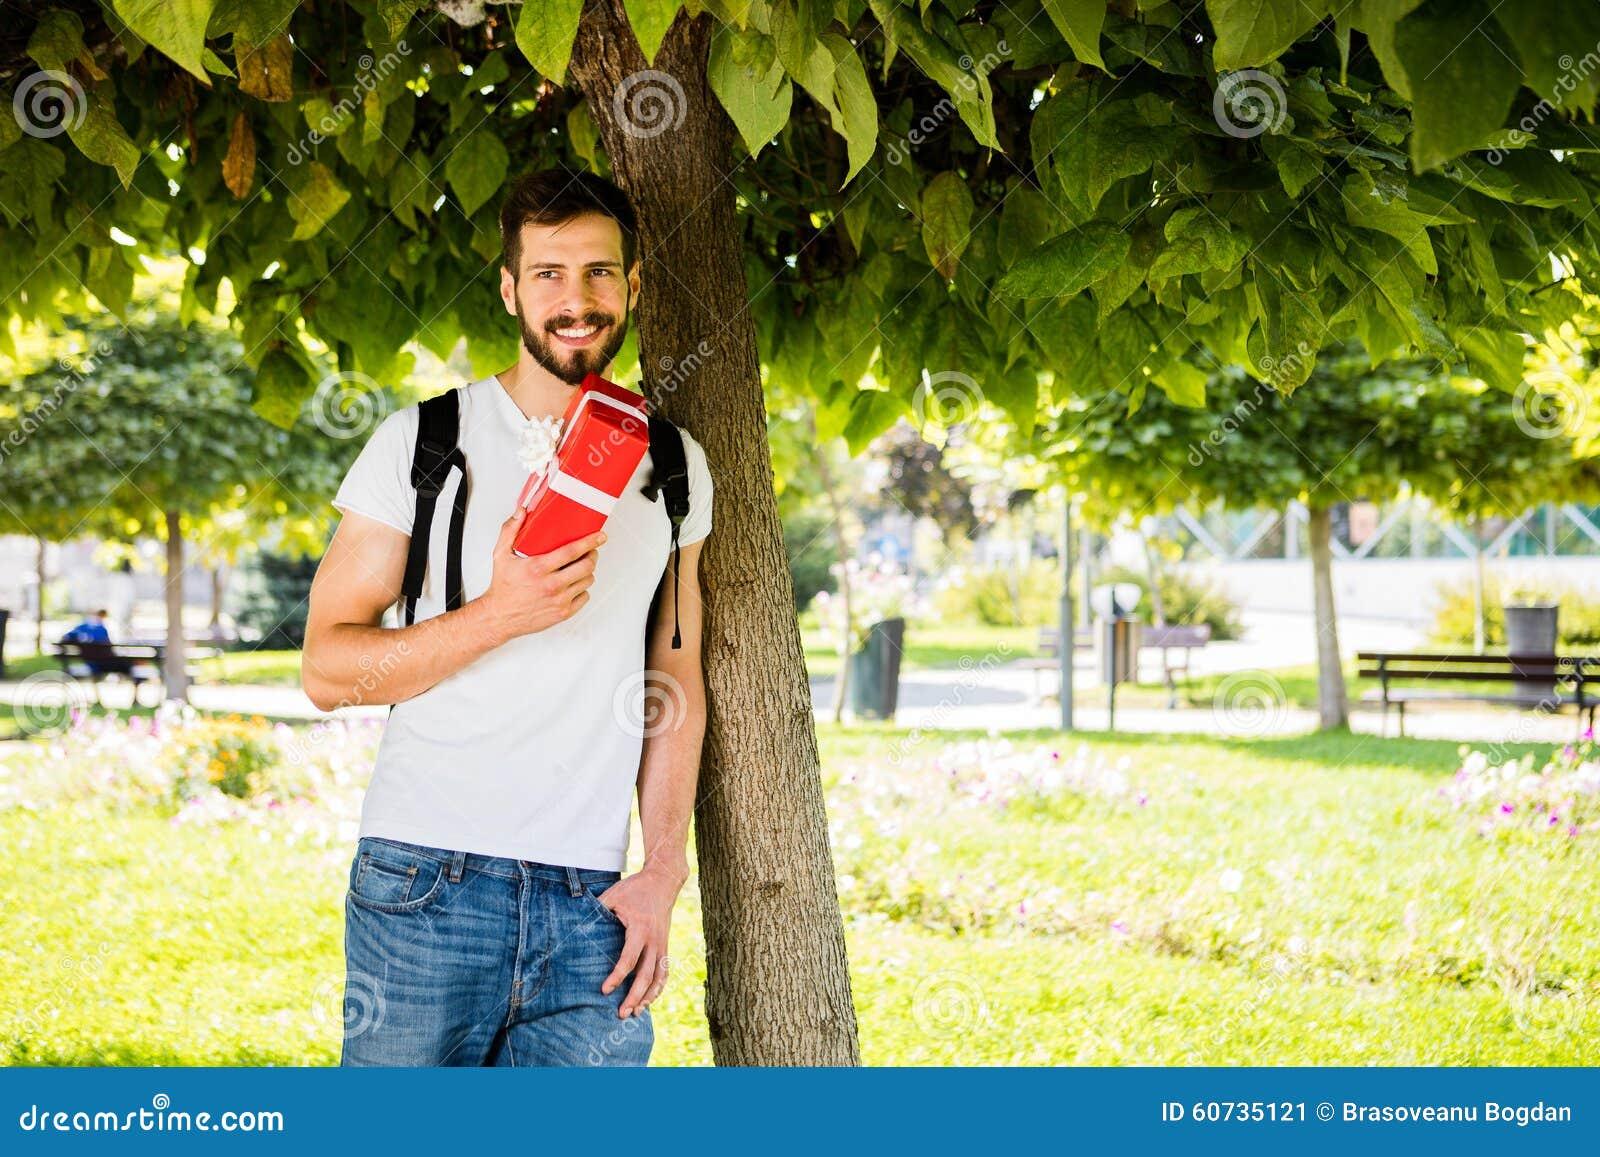 Mężczyzna z plecakiem i prezentem obok drzewa